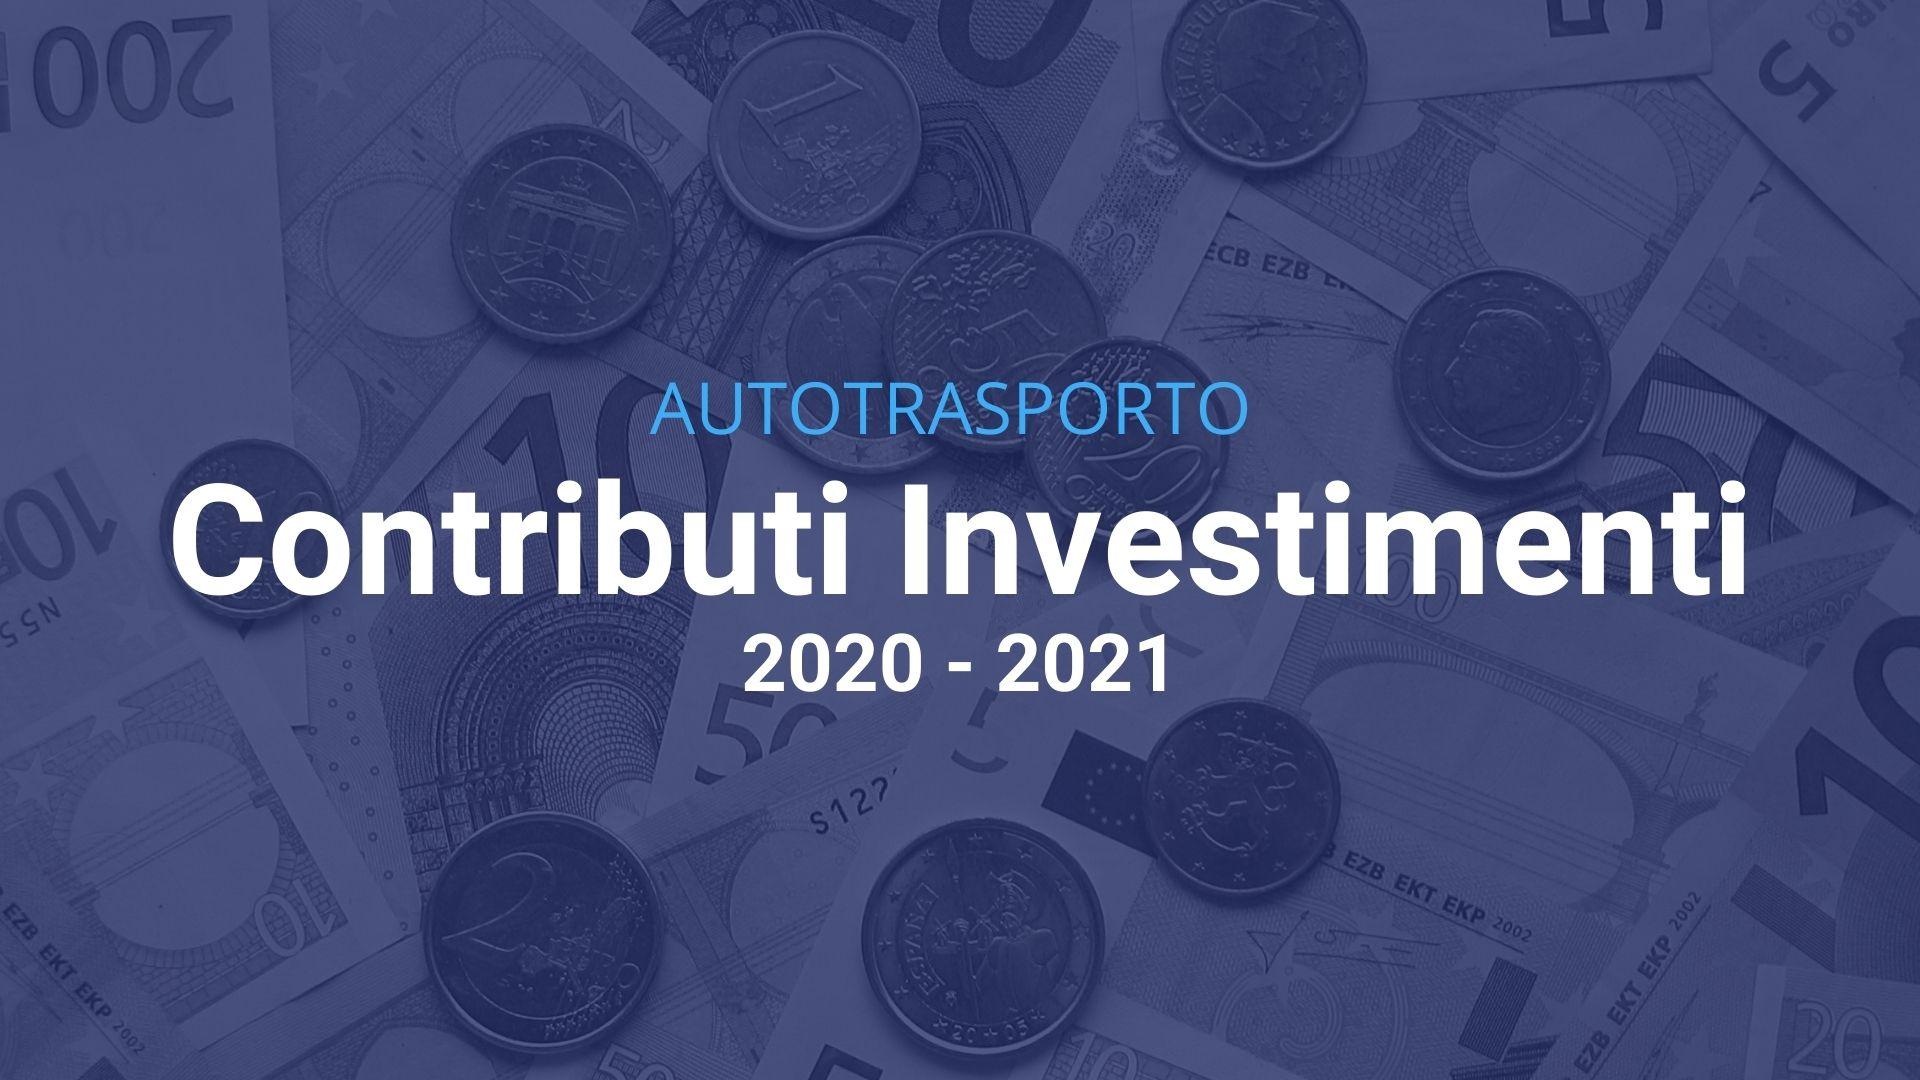 Contributi investimenti autotrasporto 4 v6